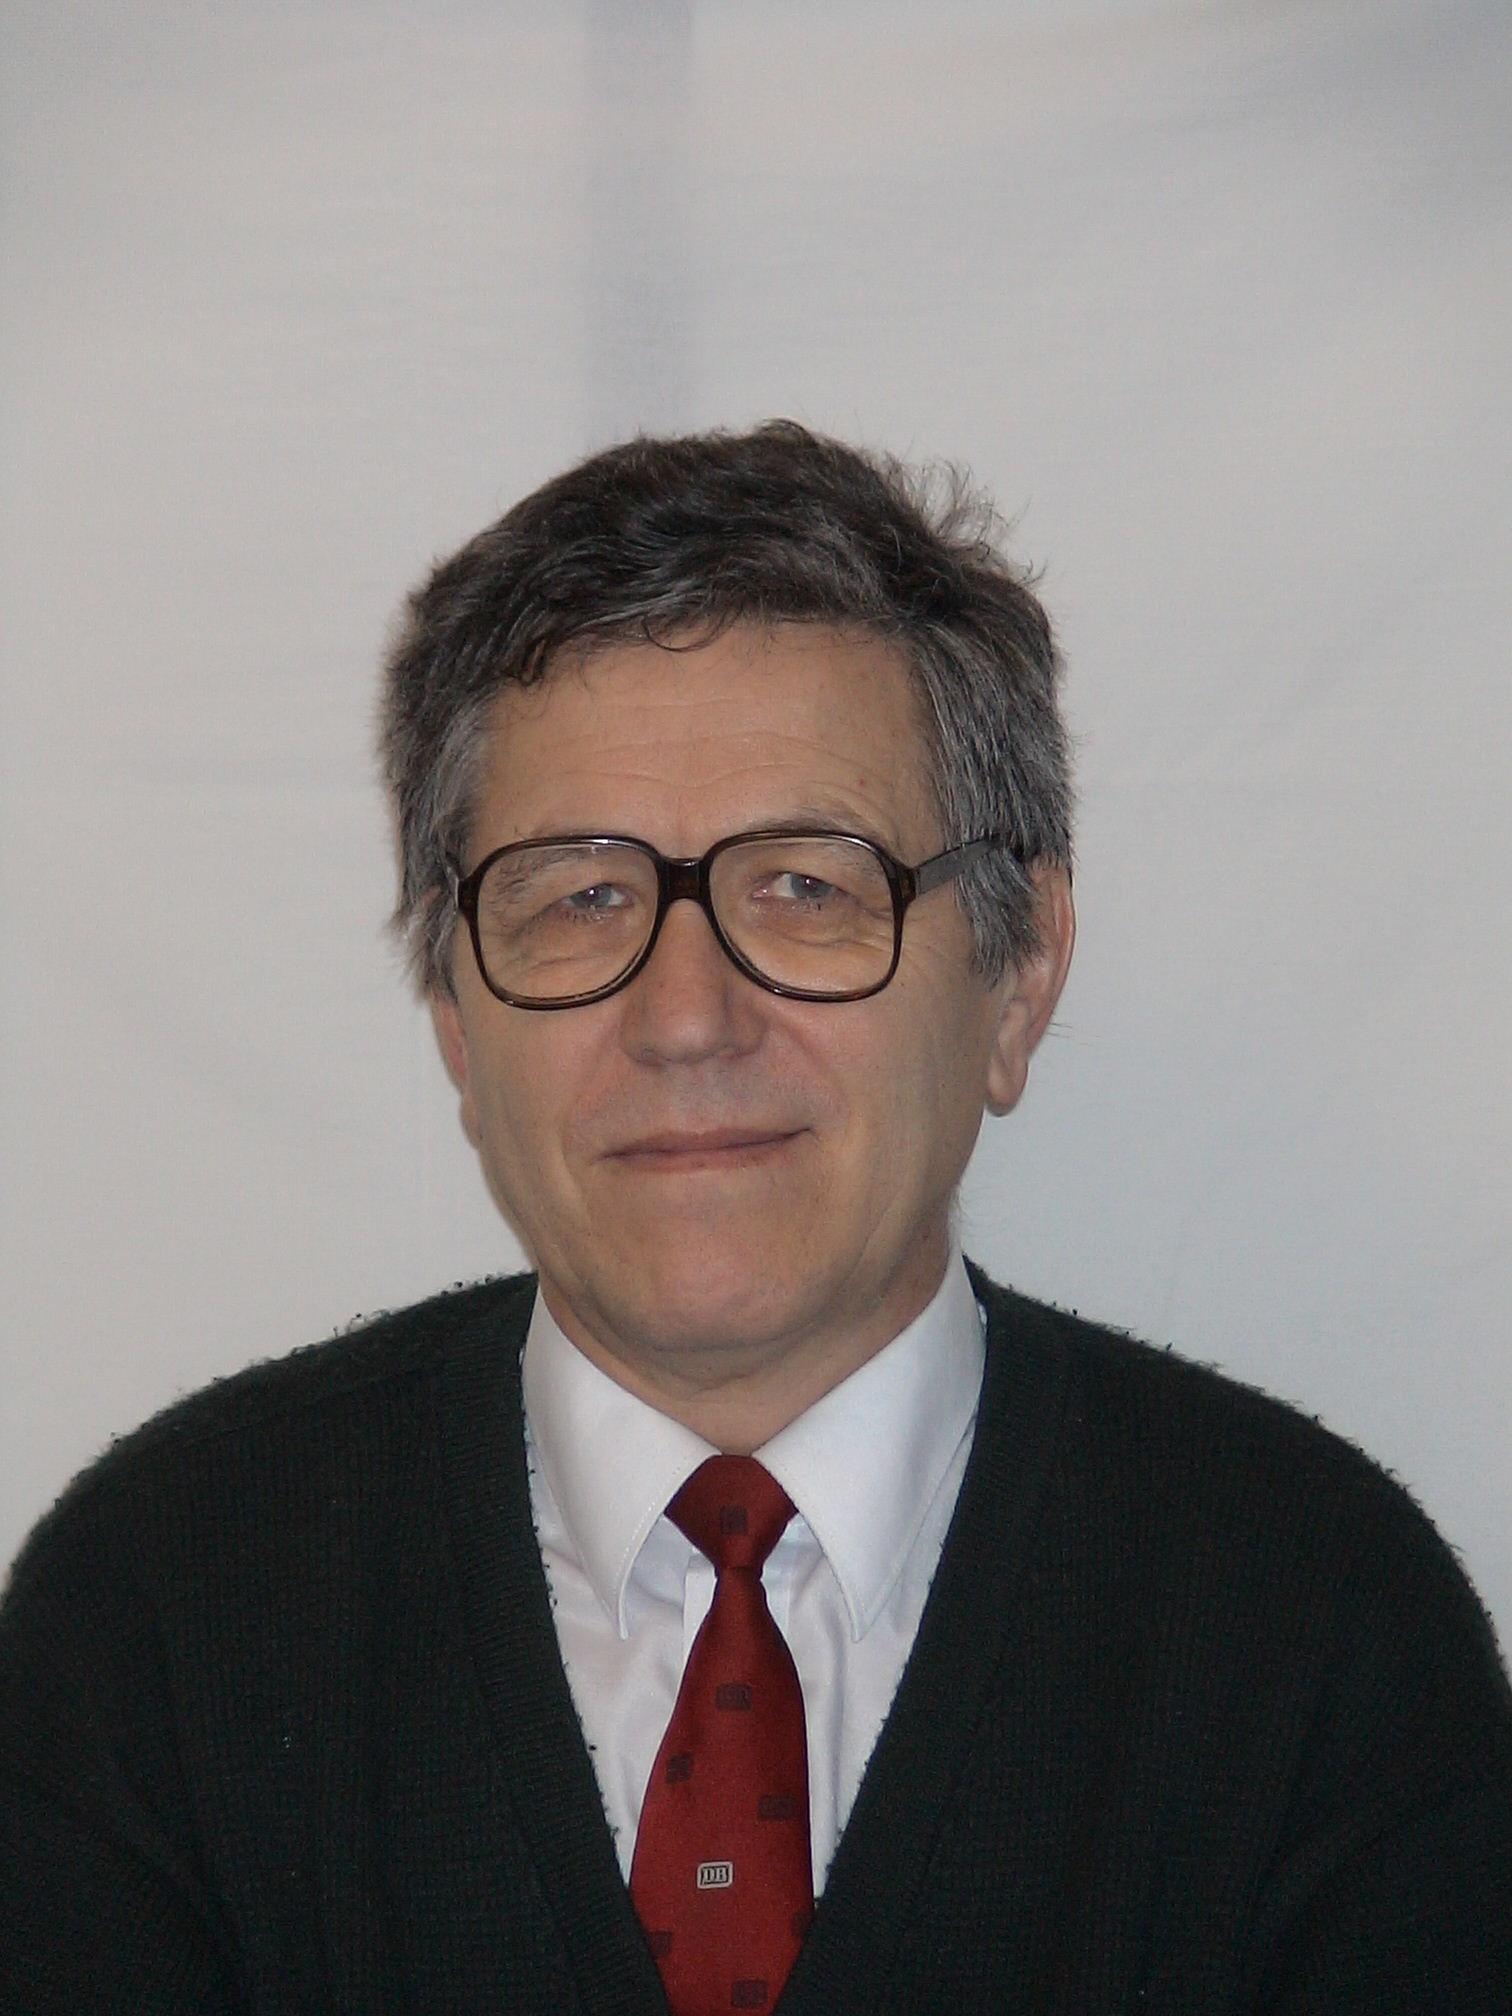 Fórián-Szabó Péter